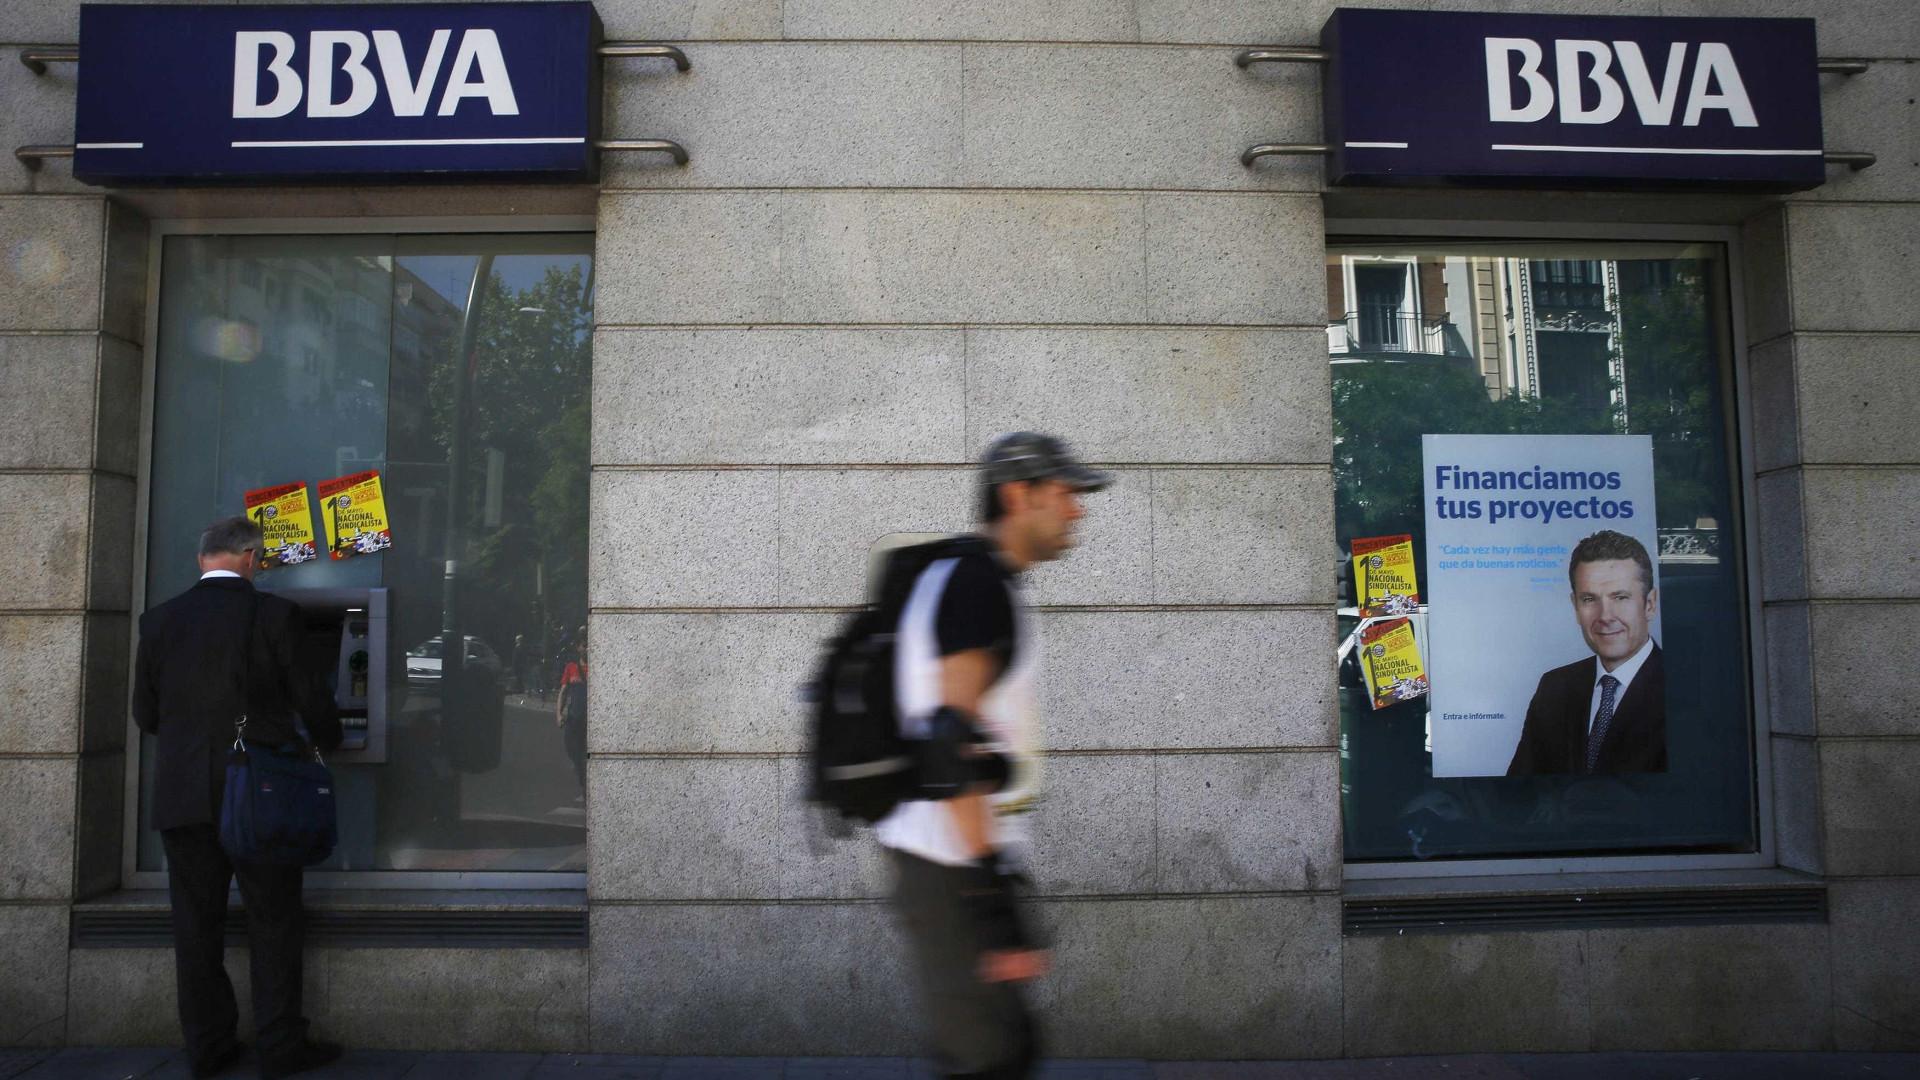 BBVA conclui venda da filial chilena ao Scotiabank com mais valia